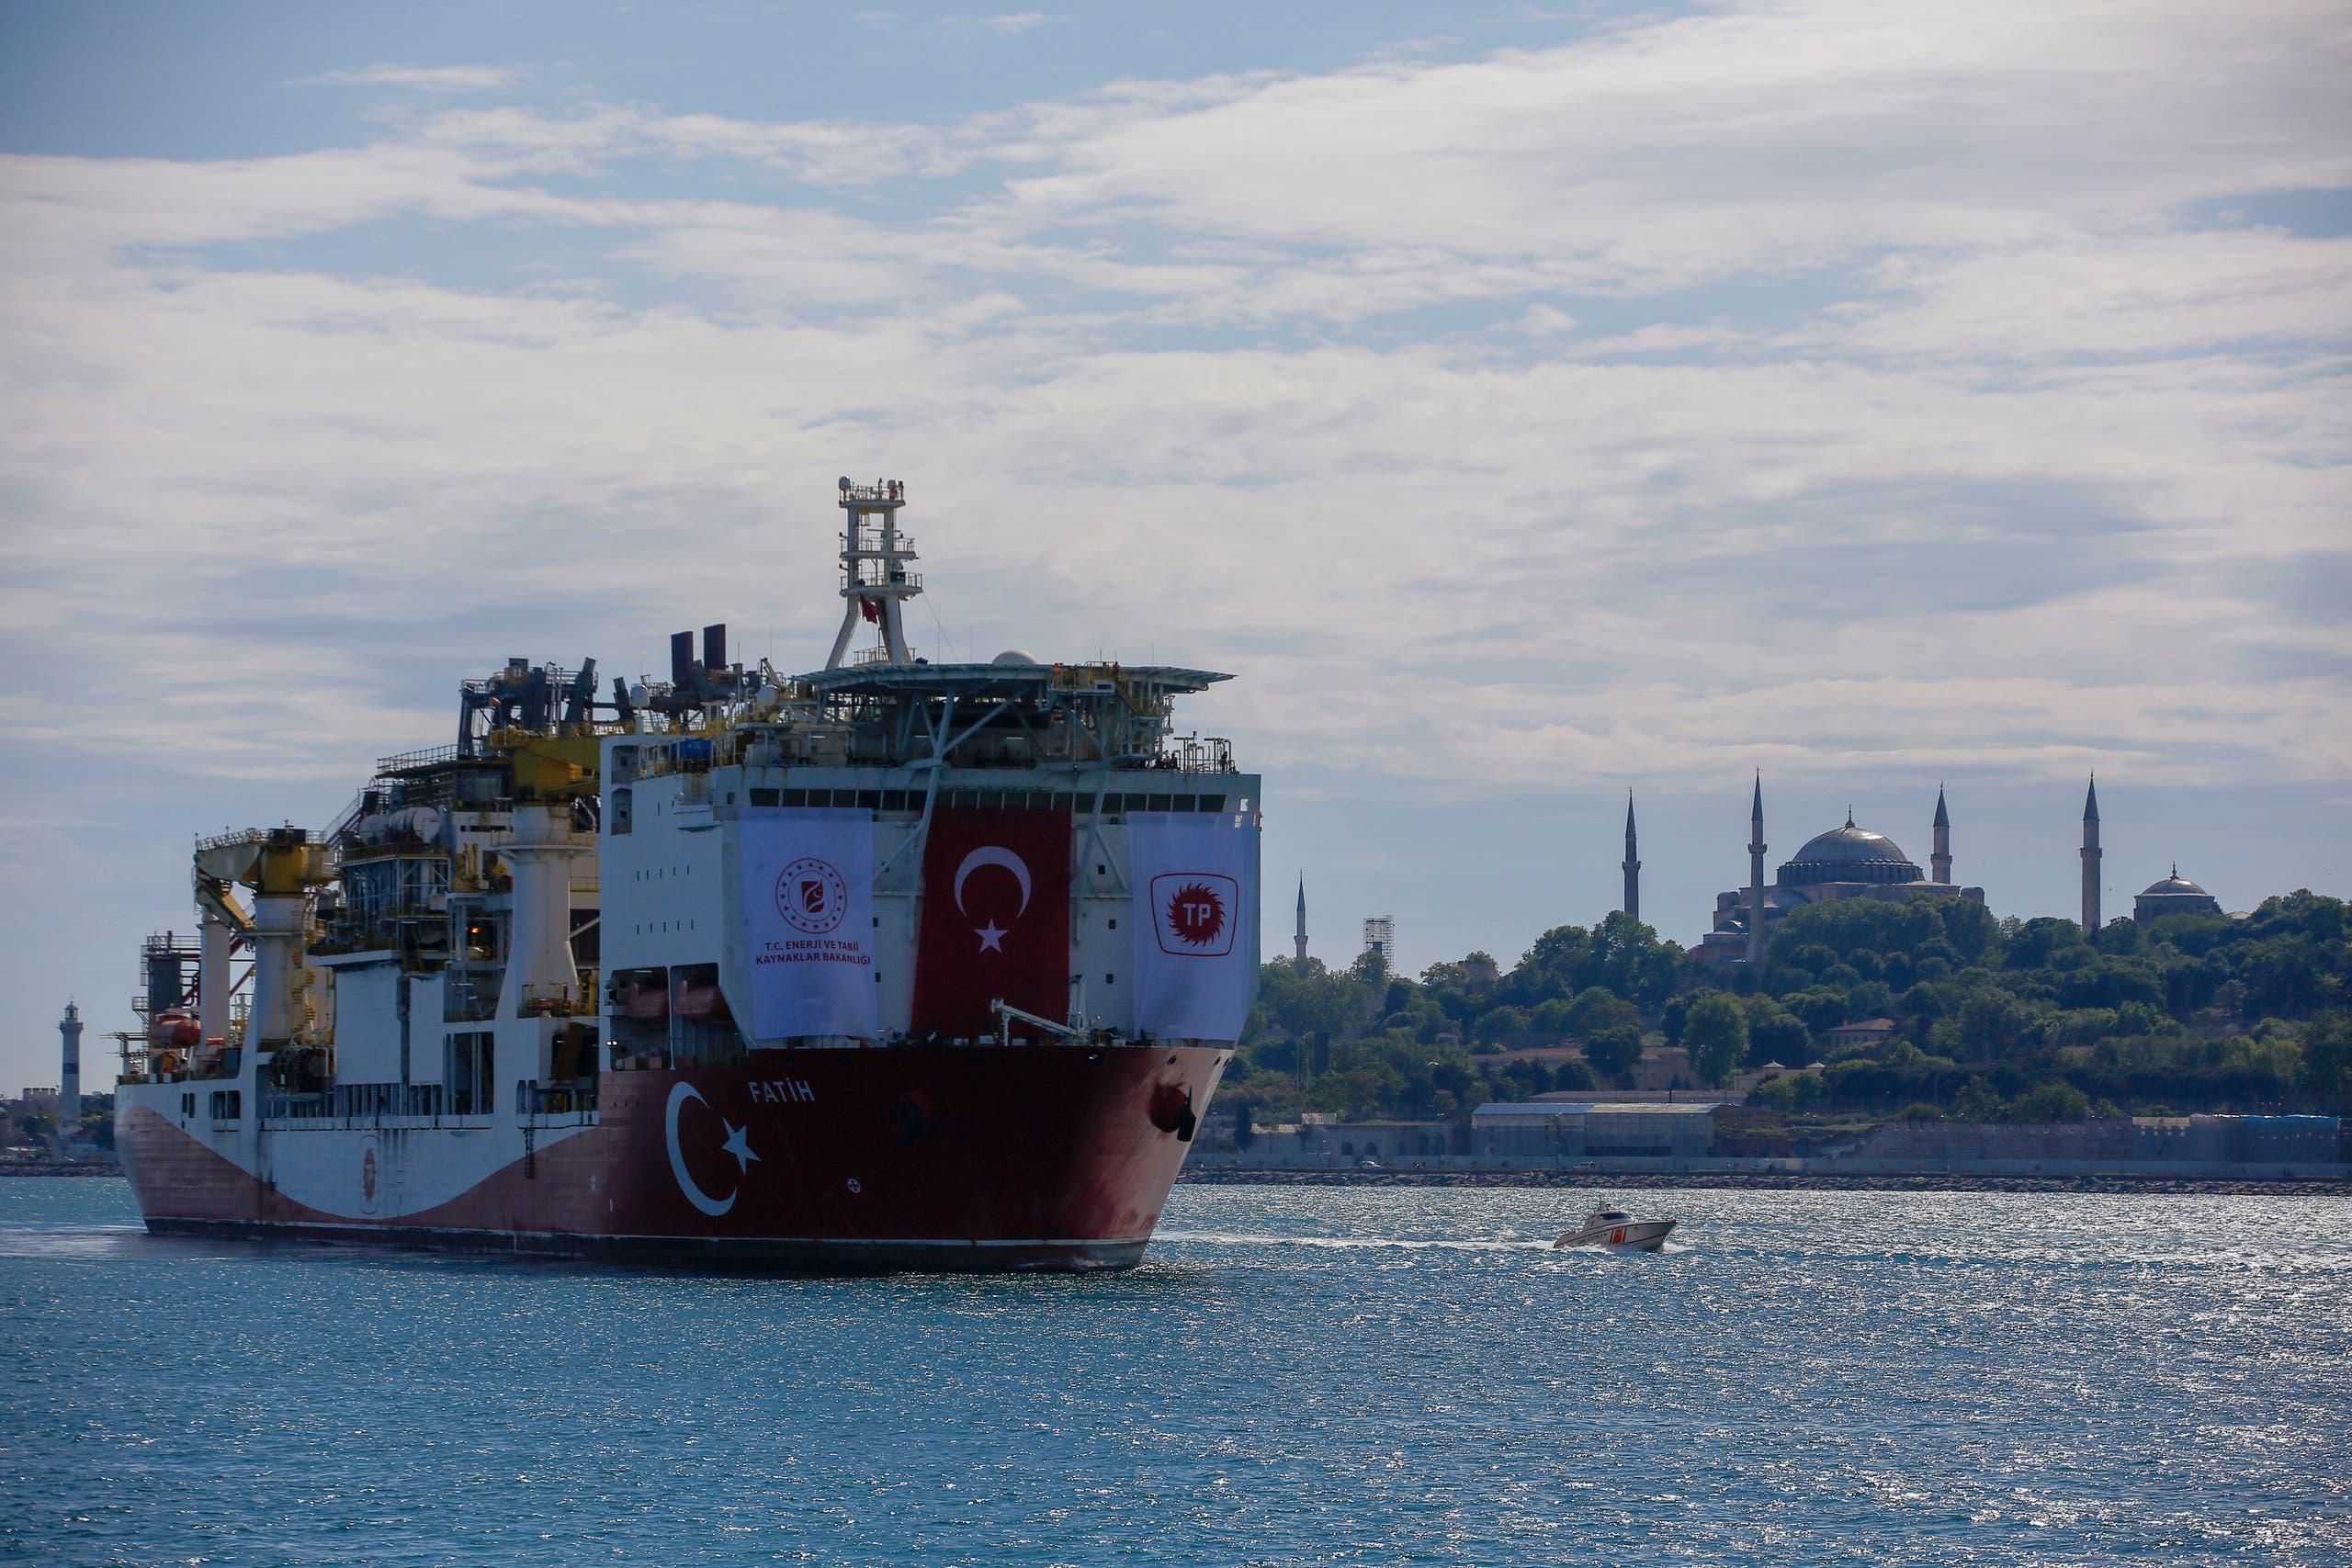 سفينة تركية شرق المتوسط (أسوشييتد برس)